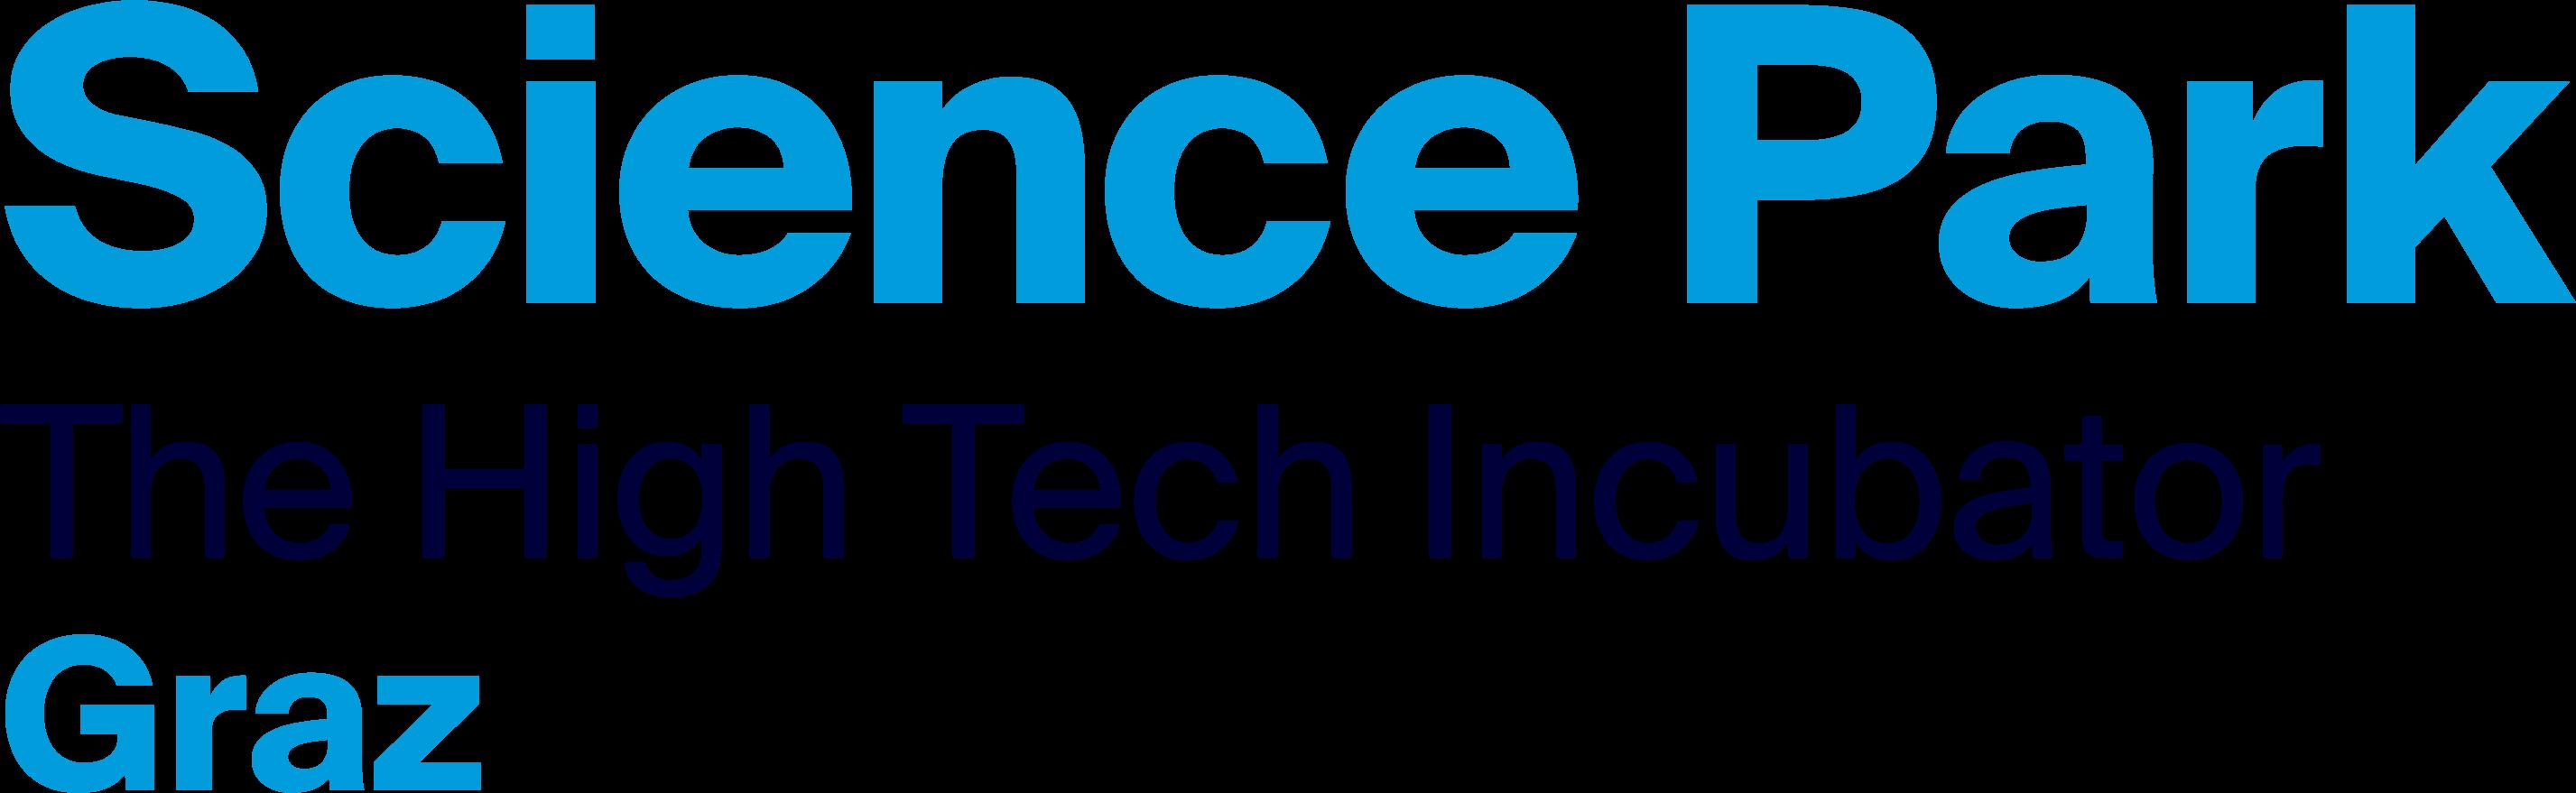 Logo des Science Park Graz.